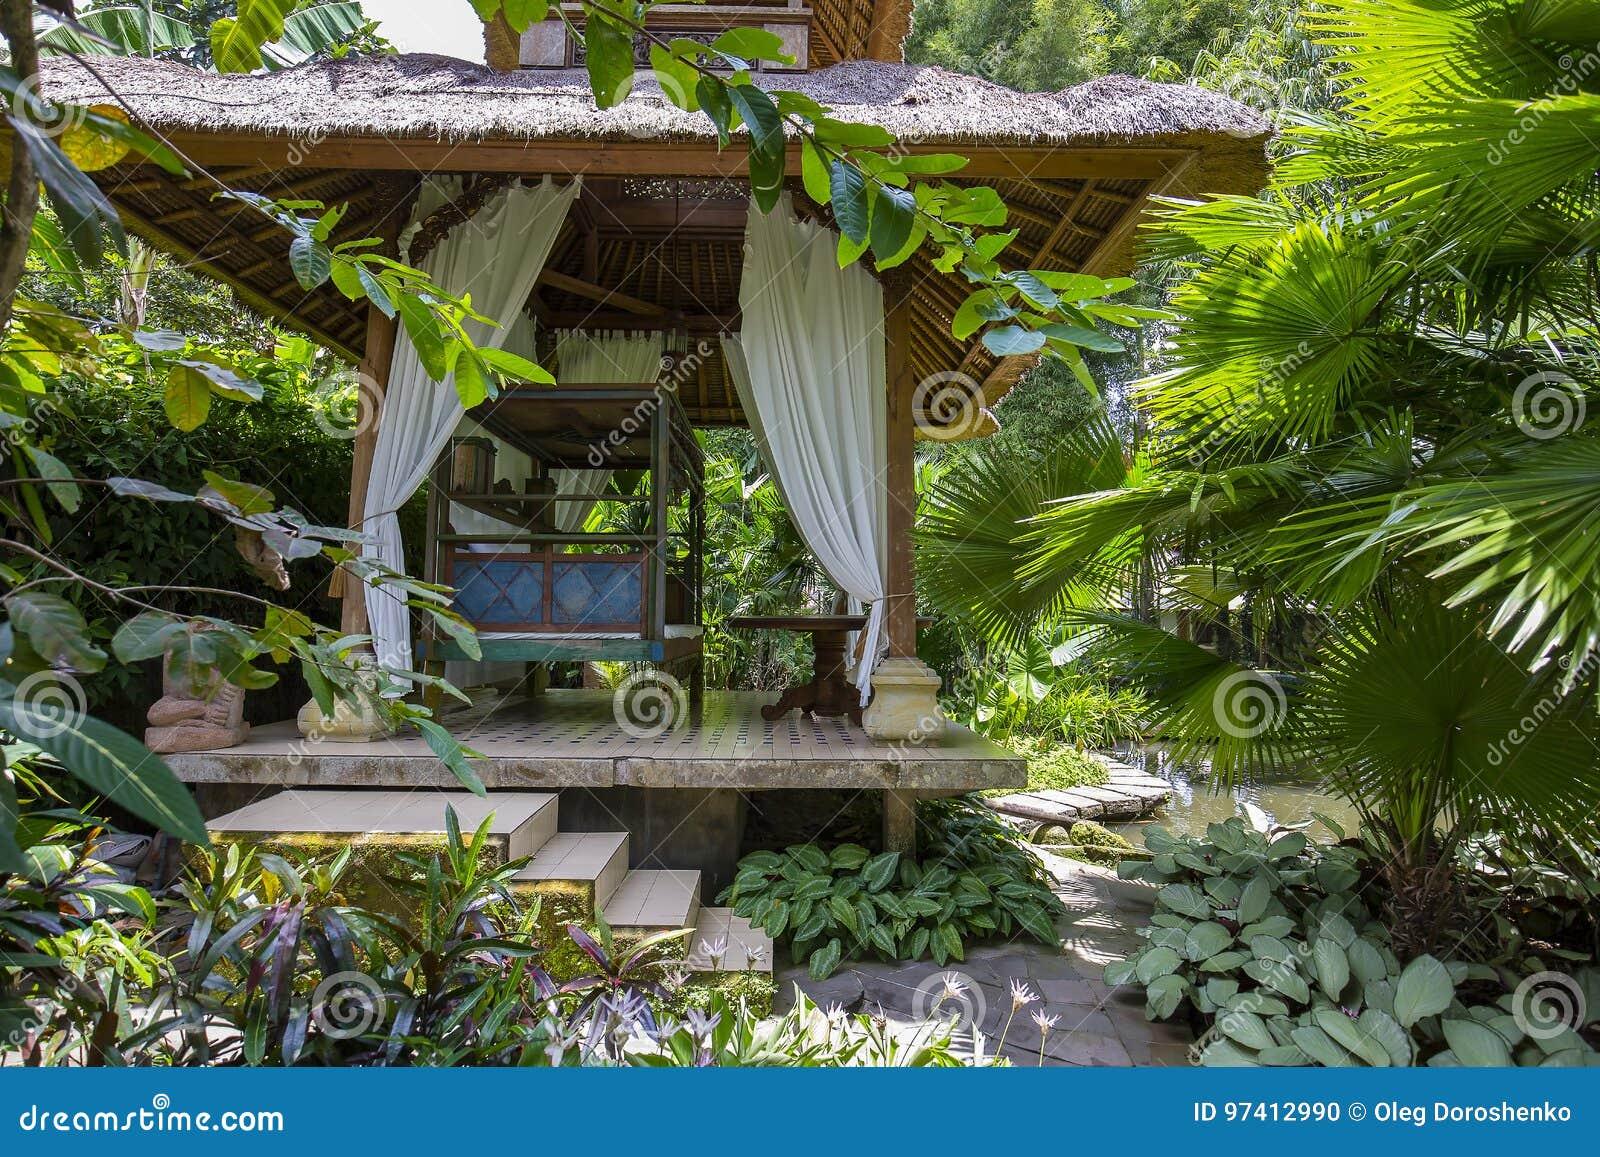 Hölzerne Laube Für Die Entspannung Im Tropischen Garten Insel Bali